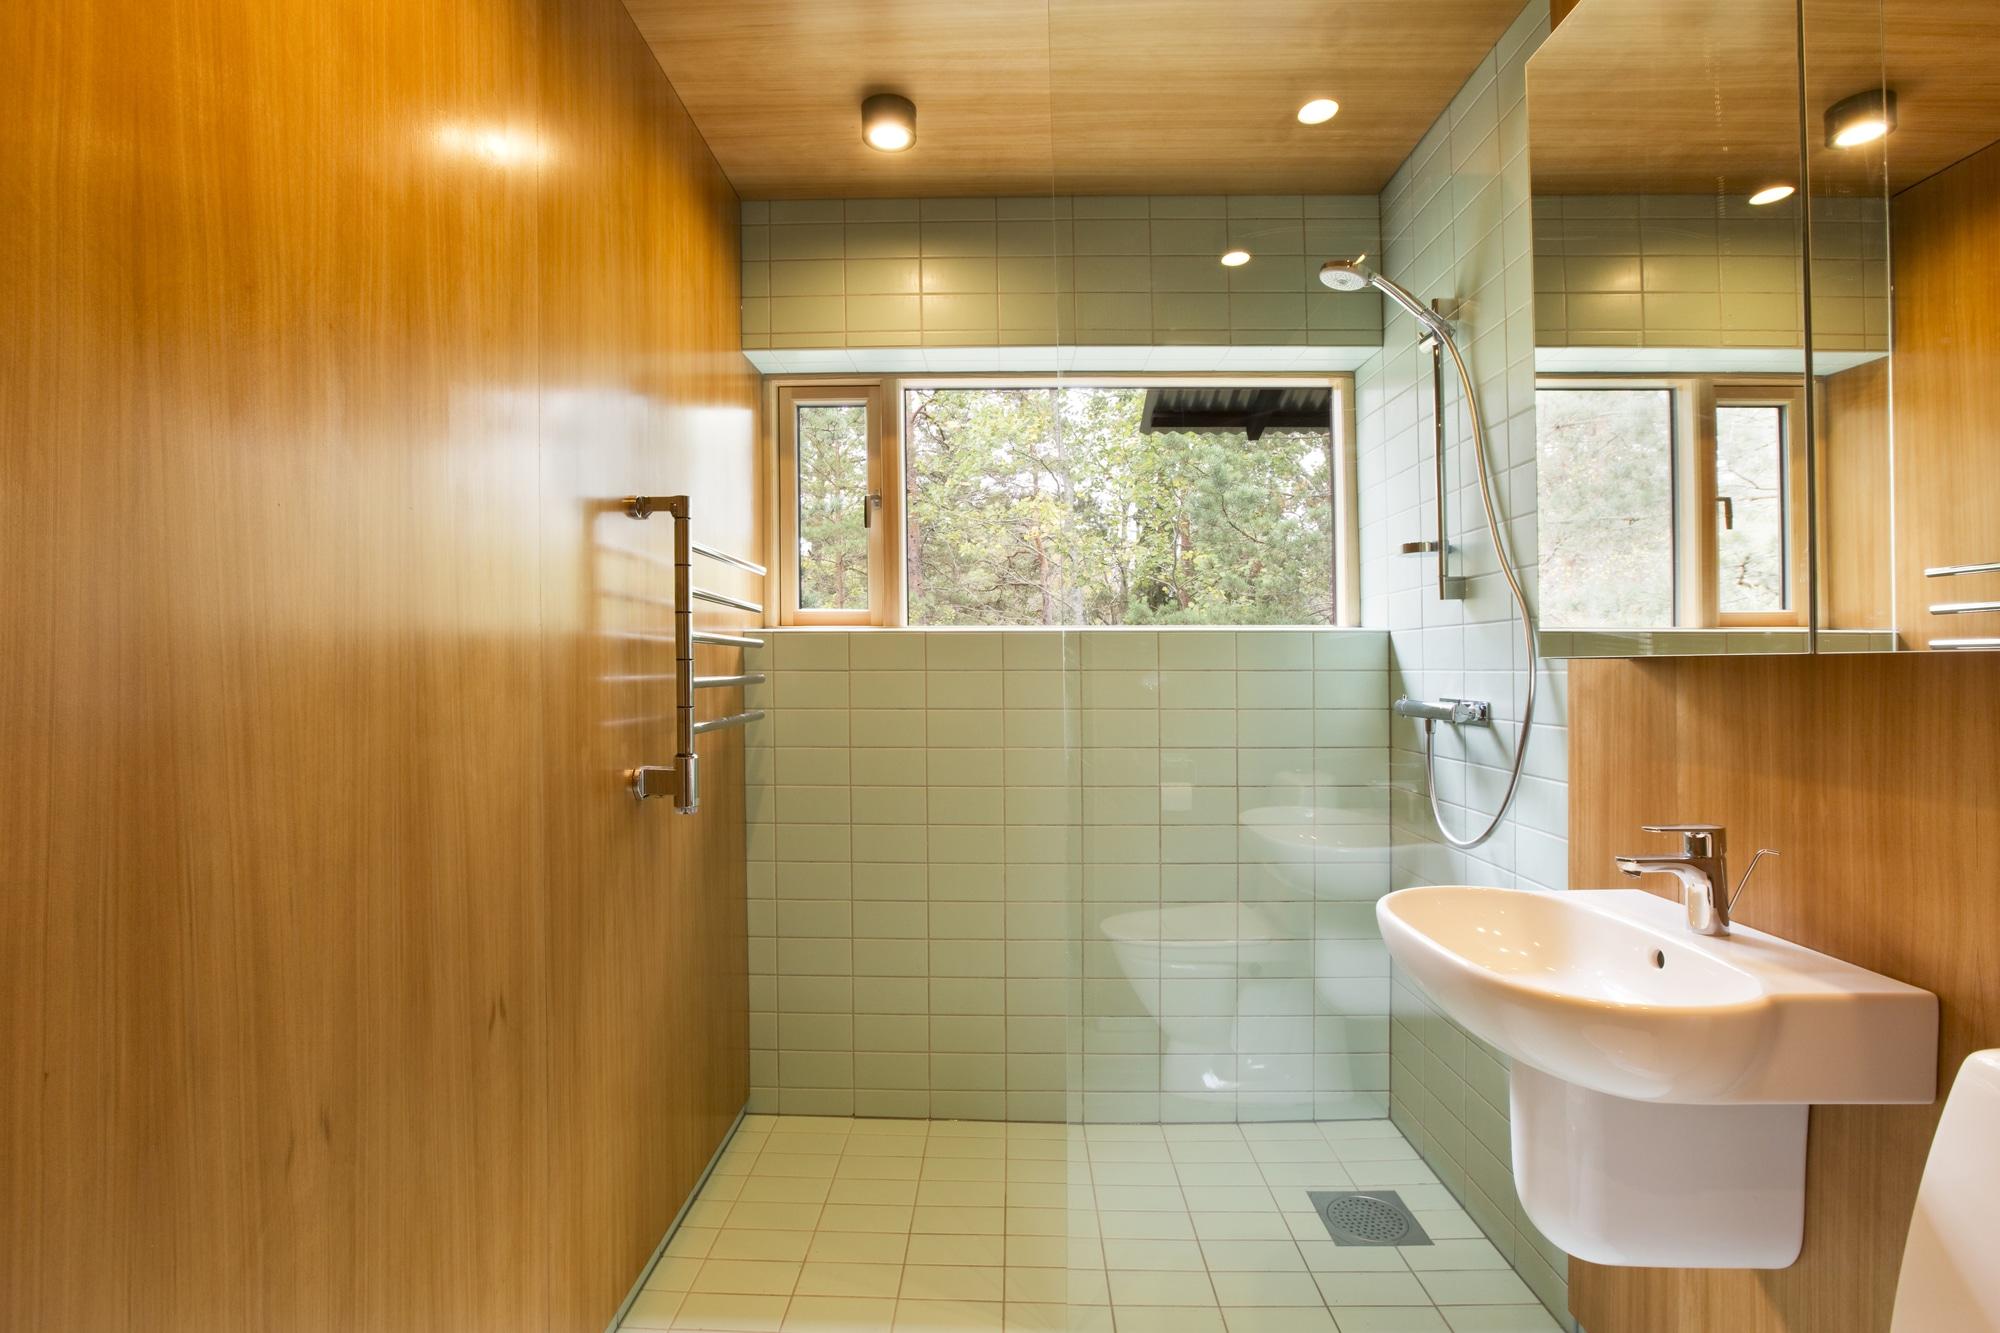 Dise o de casa peque a de madera fachada planos interior for Disenos de banos para casas pequenas